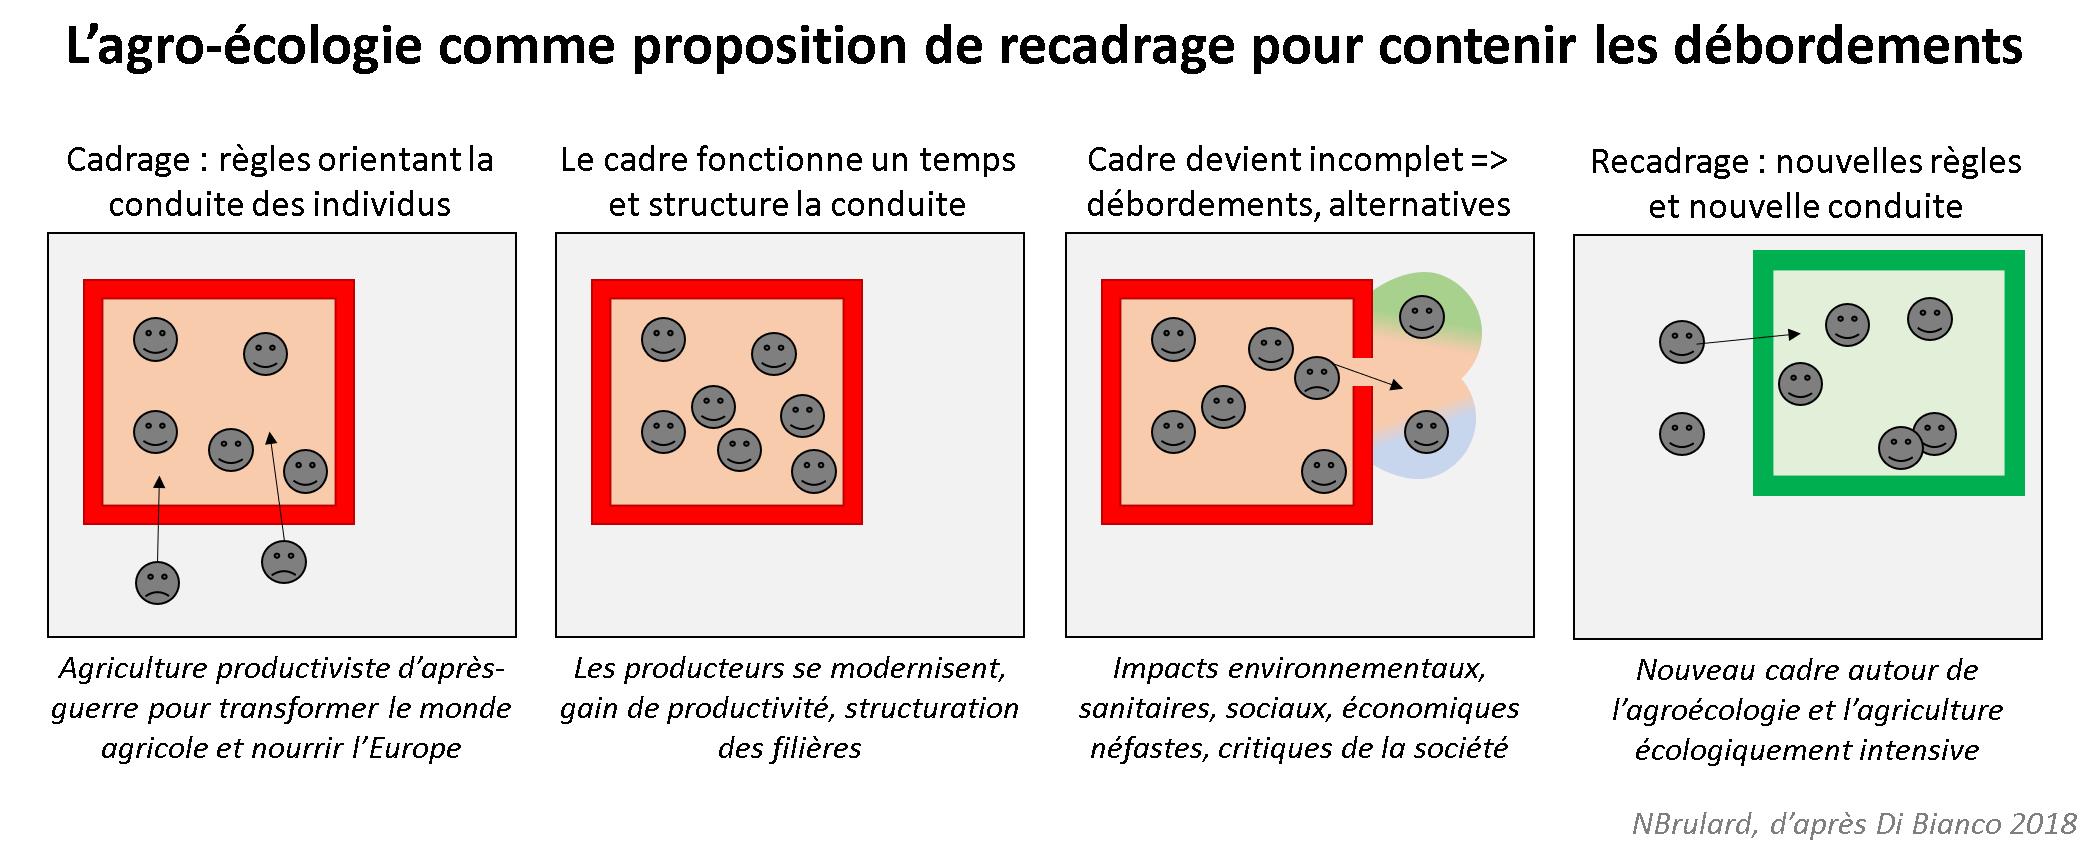 Le(s) rôle(s) du technico-commercial de coopérative dans le changement de modèle agricole